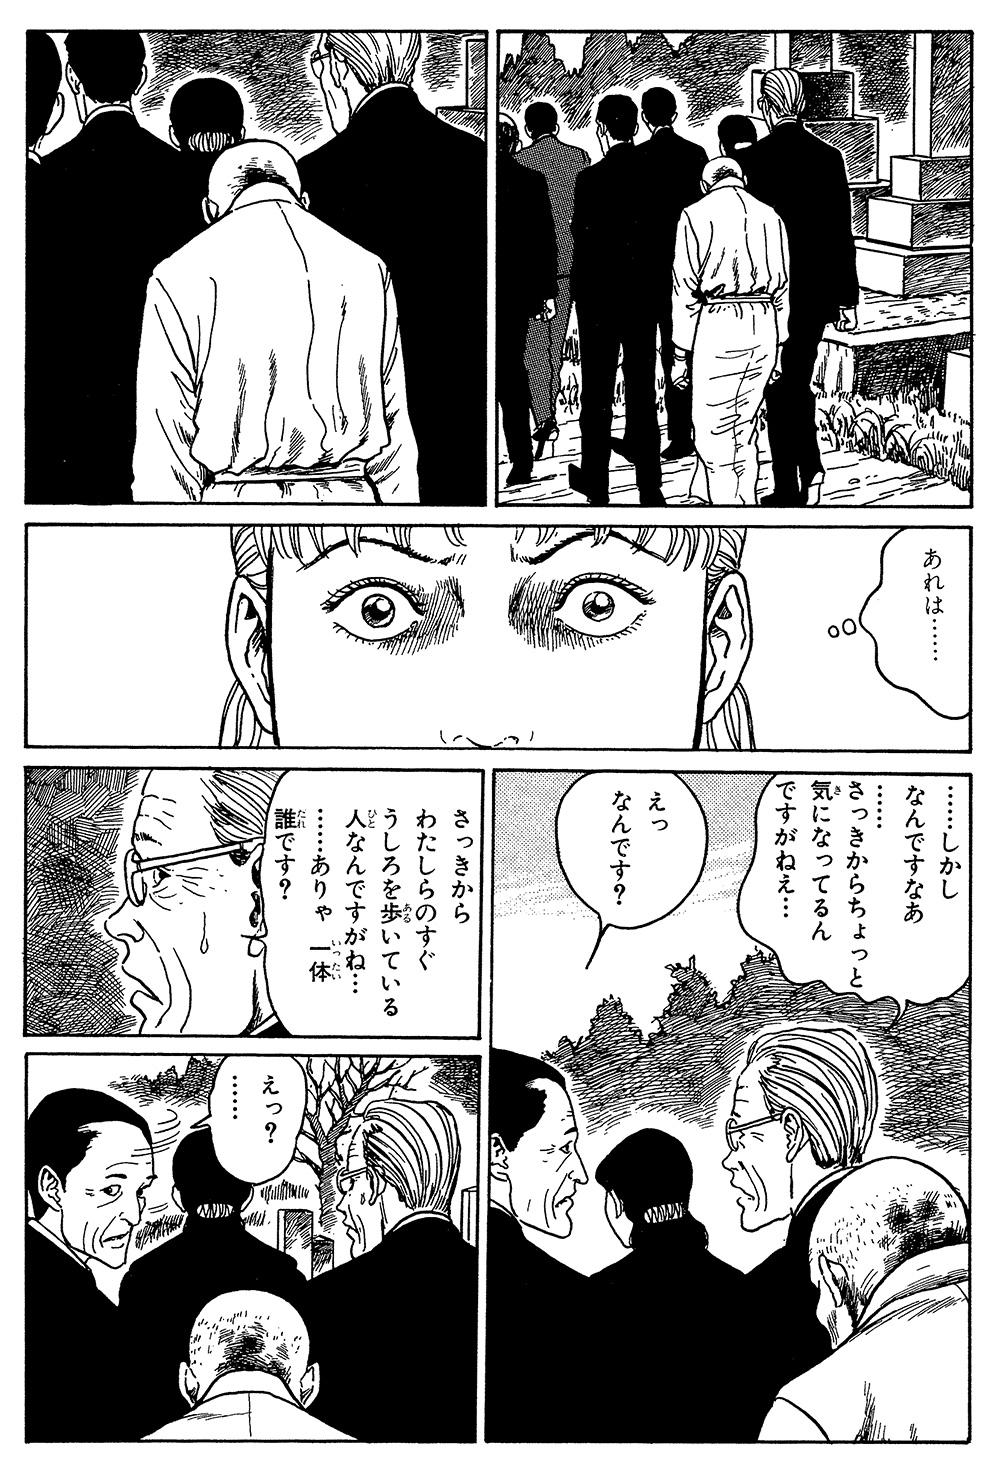 伊藤潤二傑作集「棺桶」①kanoke02-13.jpg